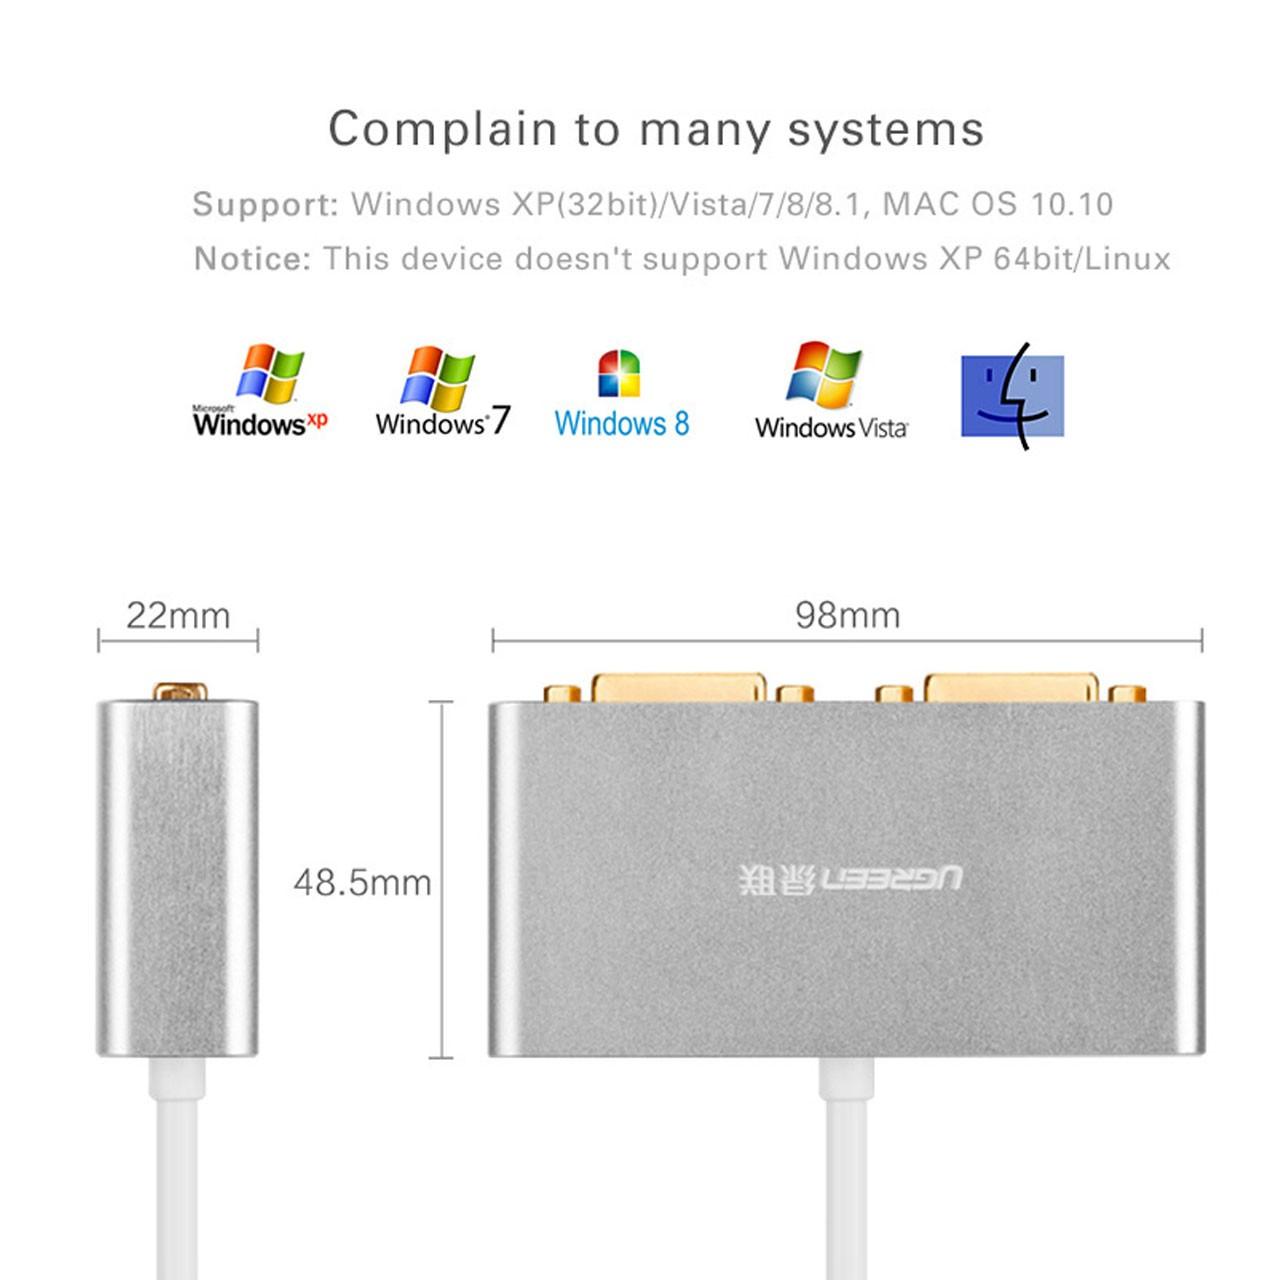 مبدل USB 3.0 به Dual DVI یوگرین مدل 40246 UGREEN 40246 USB